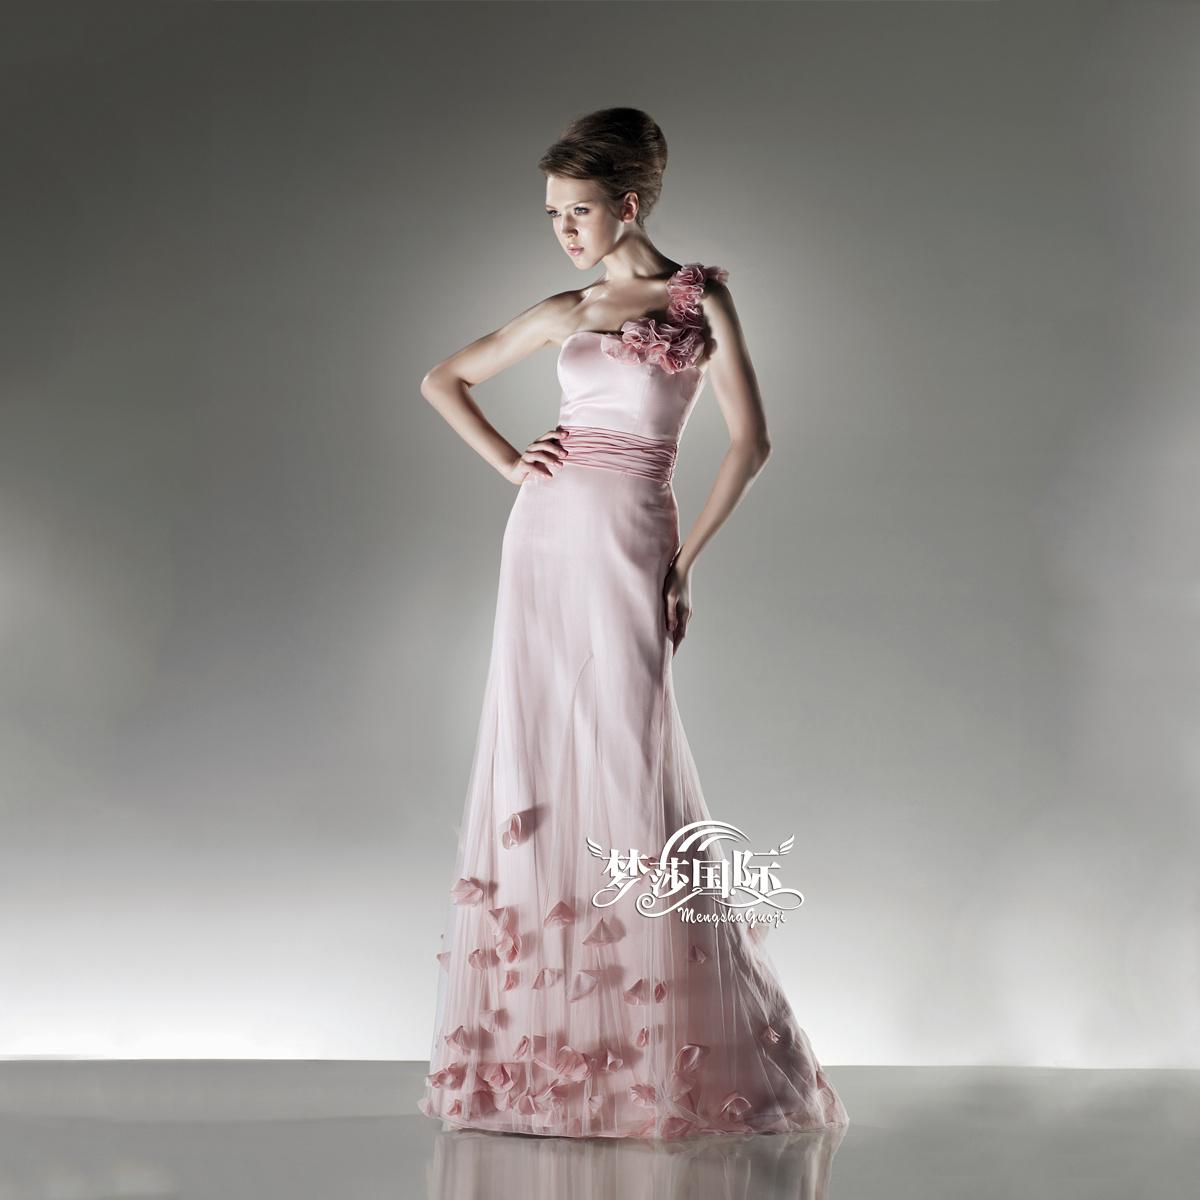 Вечерние платья 2017 году новых внешней торговли одно плечо невесты невесты тост платье ручной лепестки темперамент длинное платье на заказ